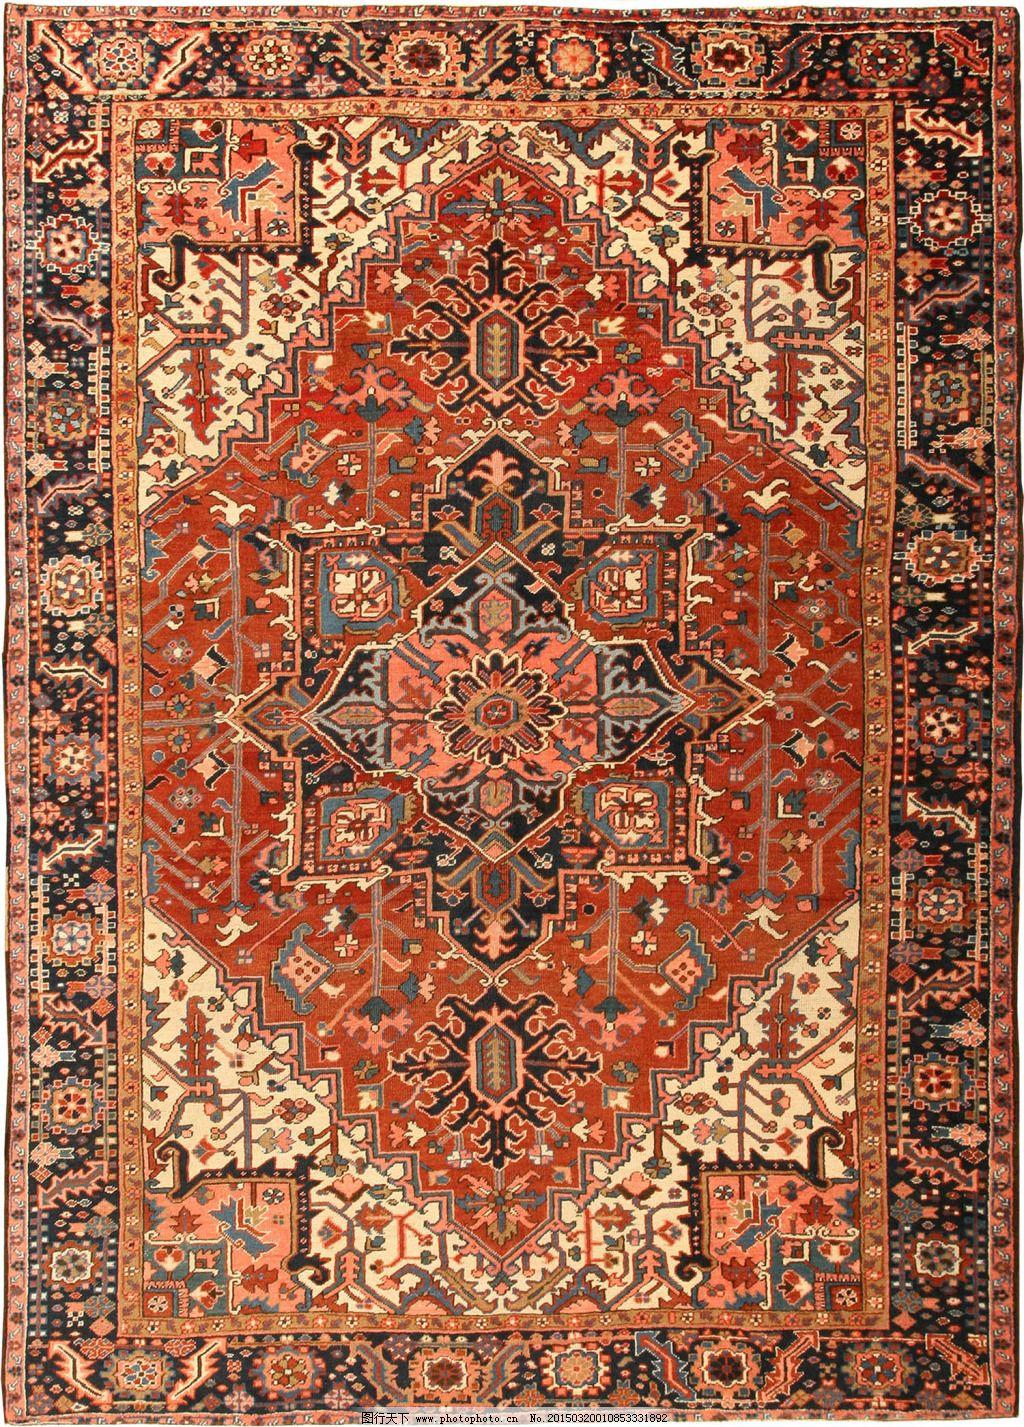 地毯贴图 设计素材 古典欧式地毯 客厅地毯 卧室地毯 地毯贴图 设计素